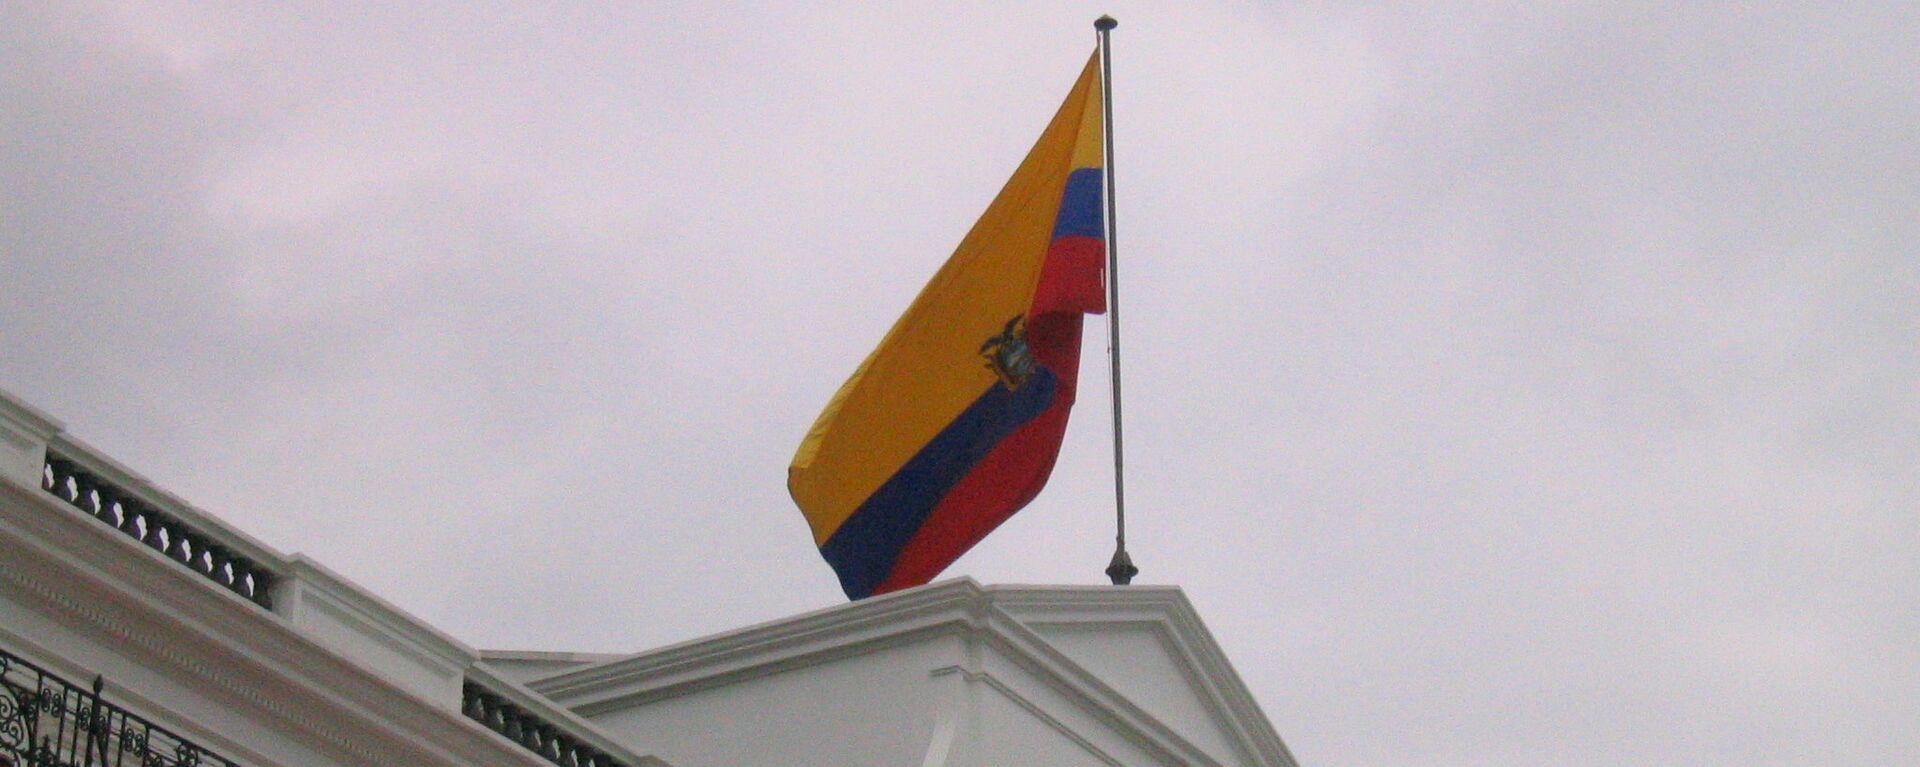 Bandera de Ecuador - Sputnik Mundo, 1920, 02.06.2021